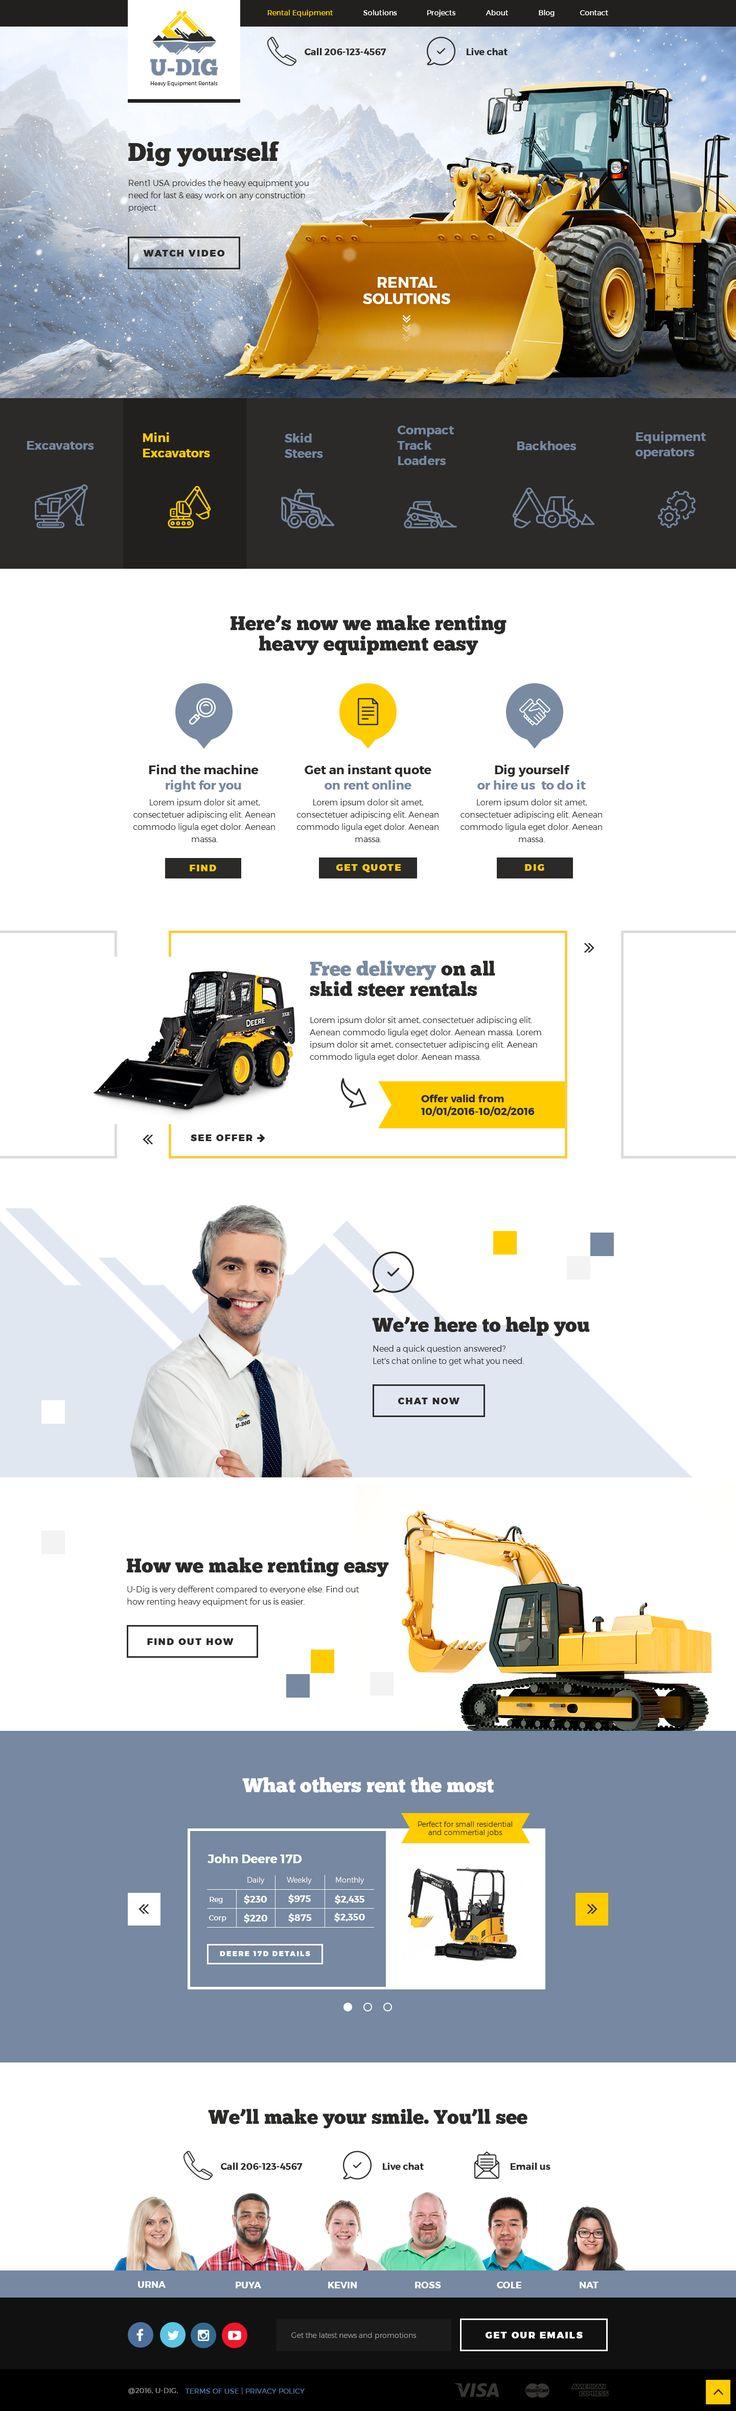 Website U-DIG. Heavy Equipment Rentals